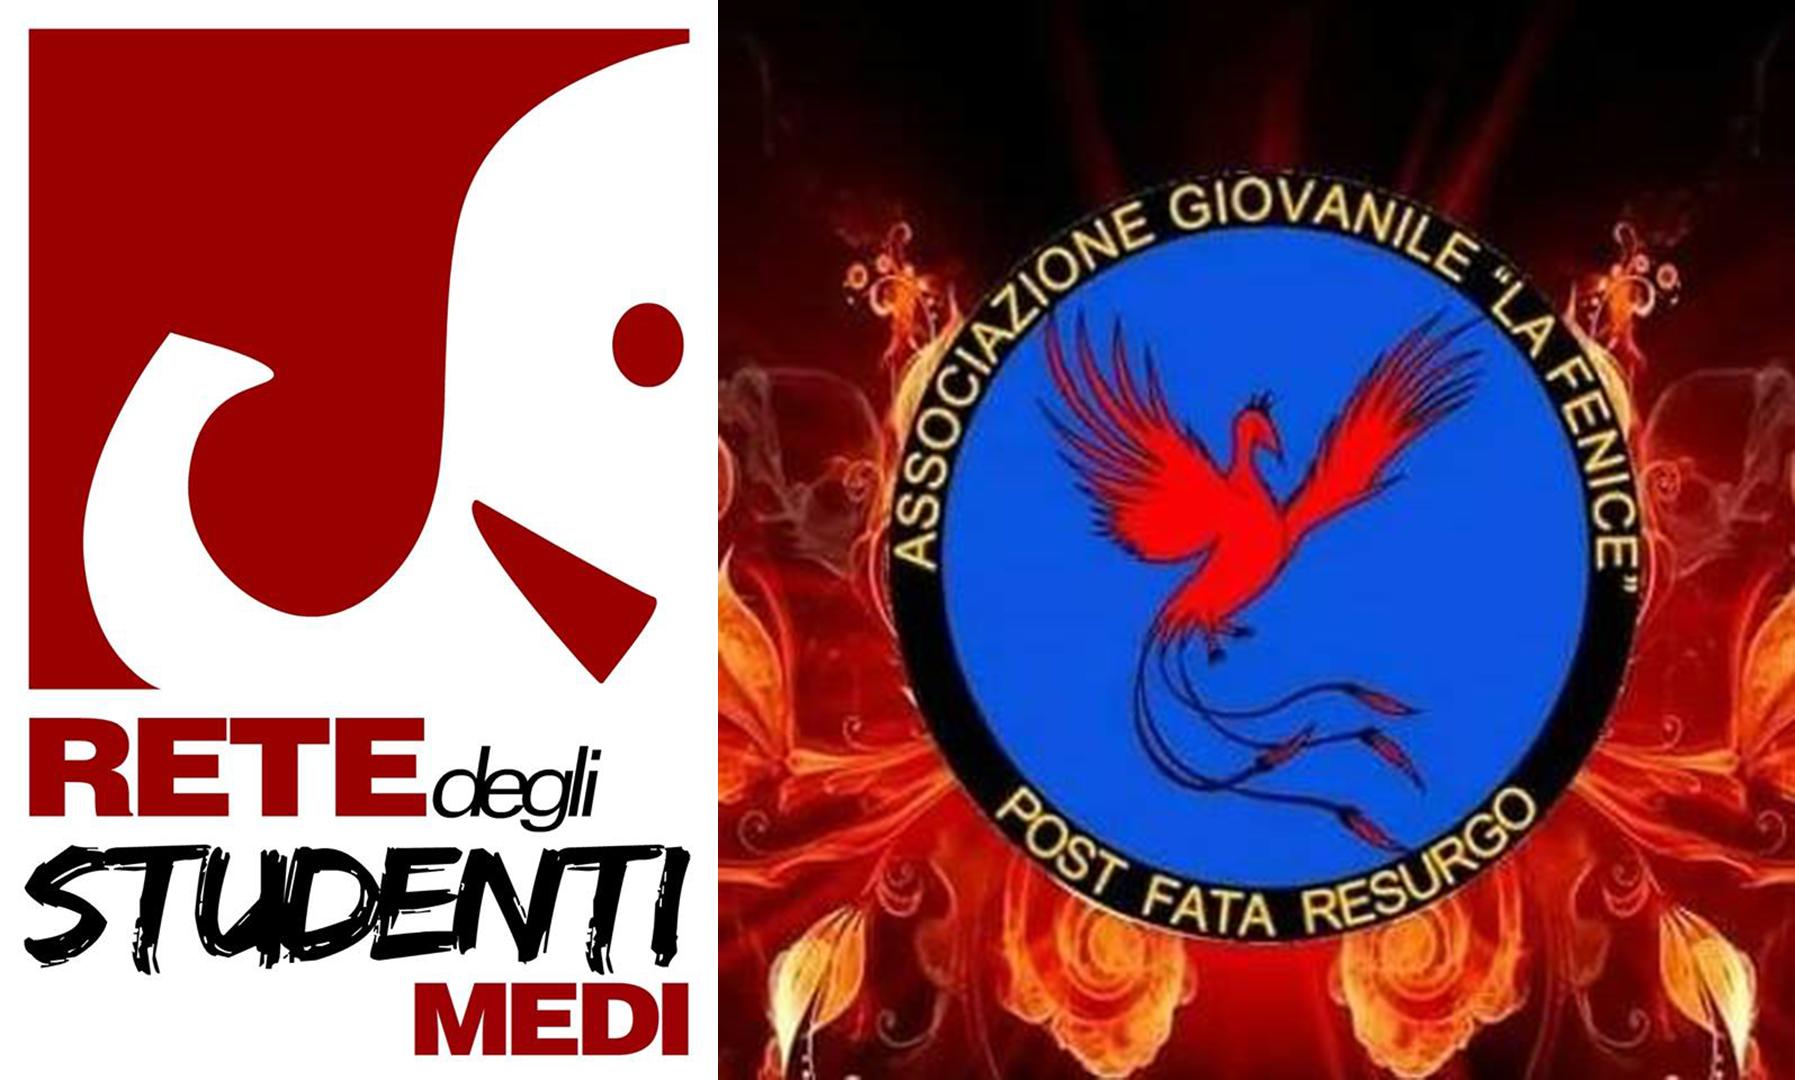 """Barcellona PG. Associazioni 'Rete degli Studenti Medi' e 'La Fenice' contrari a ordinanza di De Luca: """"Serve dialogo e serio piano d'emergenza"""""""